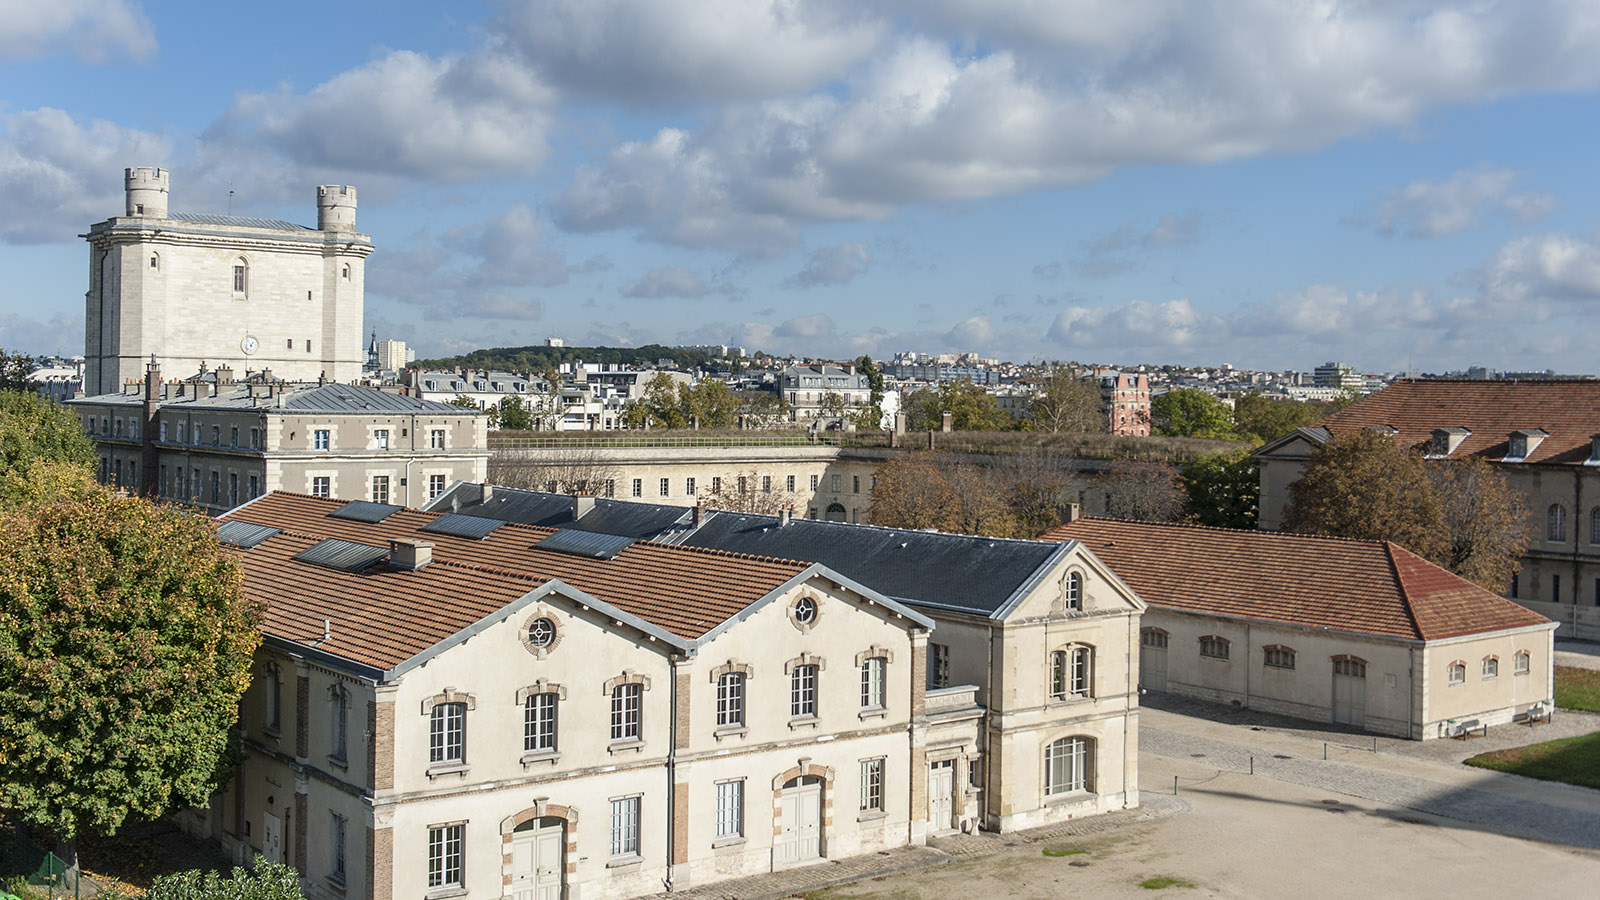 Der Donjon überragt die gesamte Schlossanlage von Vincennes. Foto: Hilke Maunder